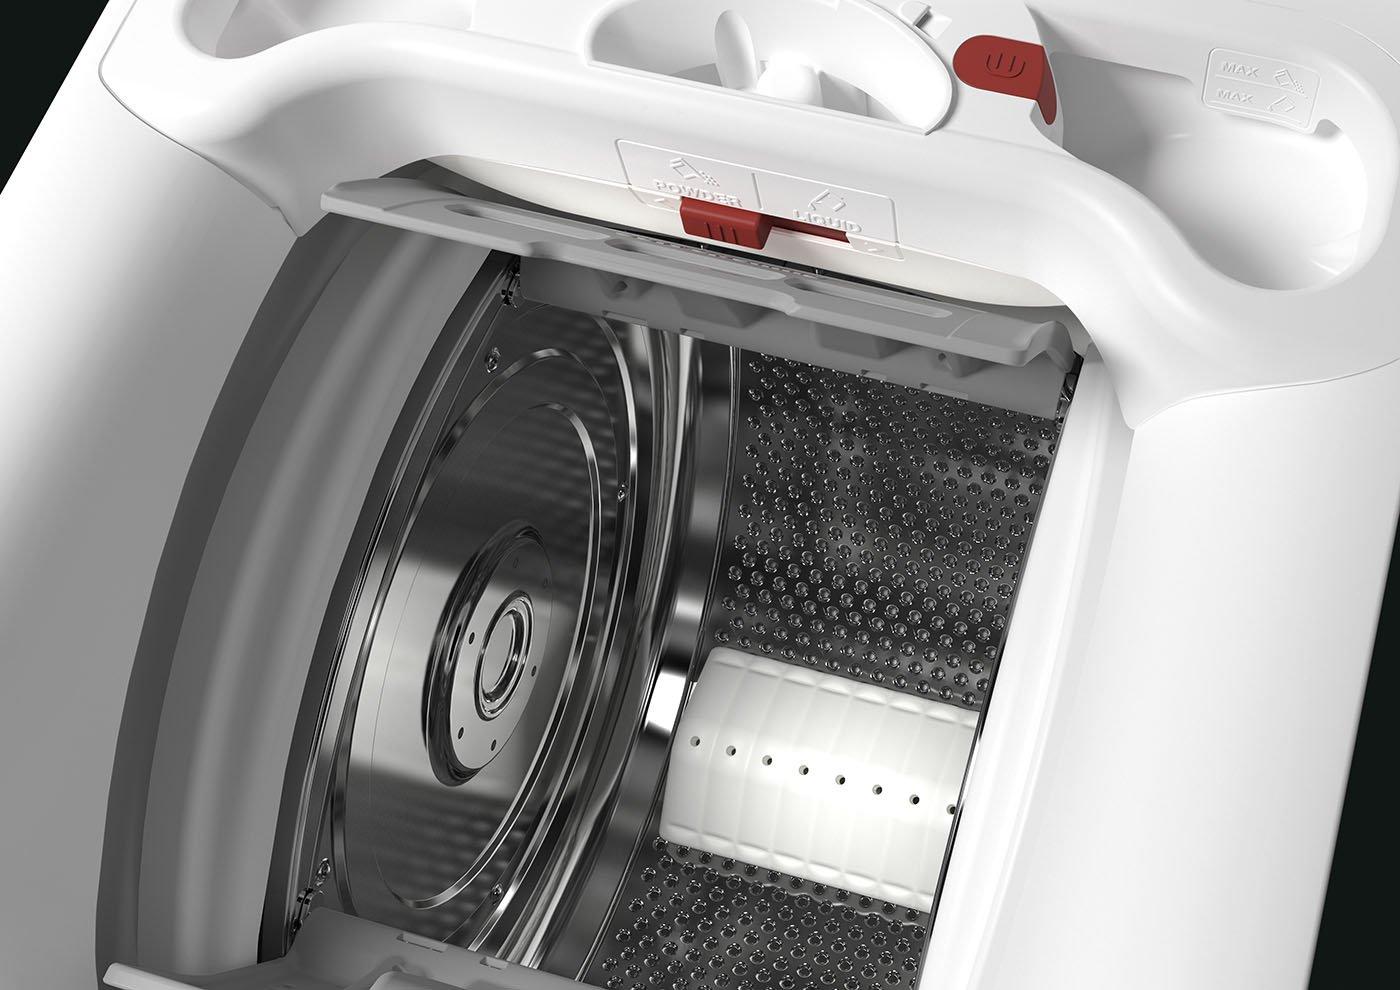 Aeg l tb waschmaschine energieklasse a kwh pro jahr